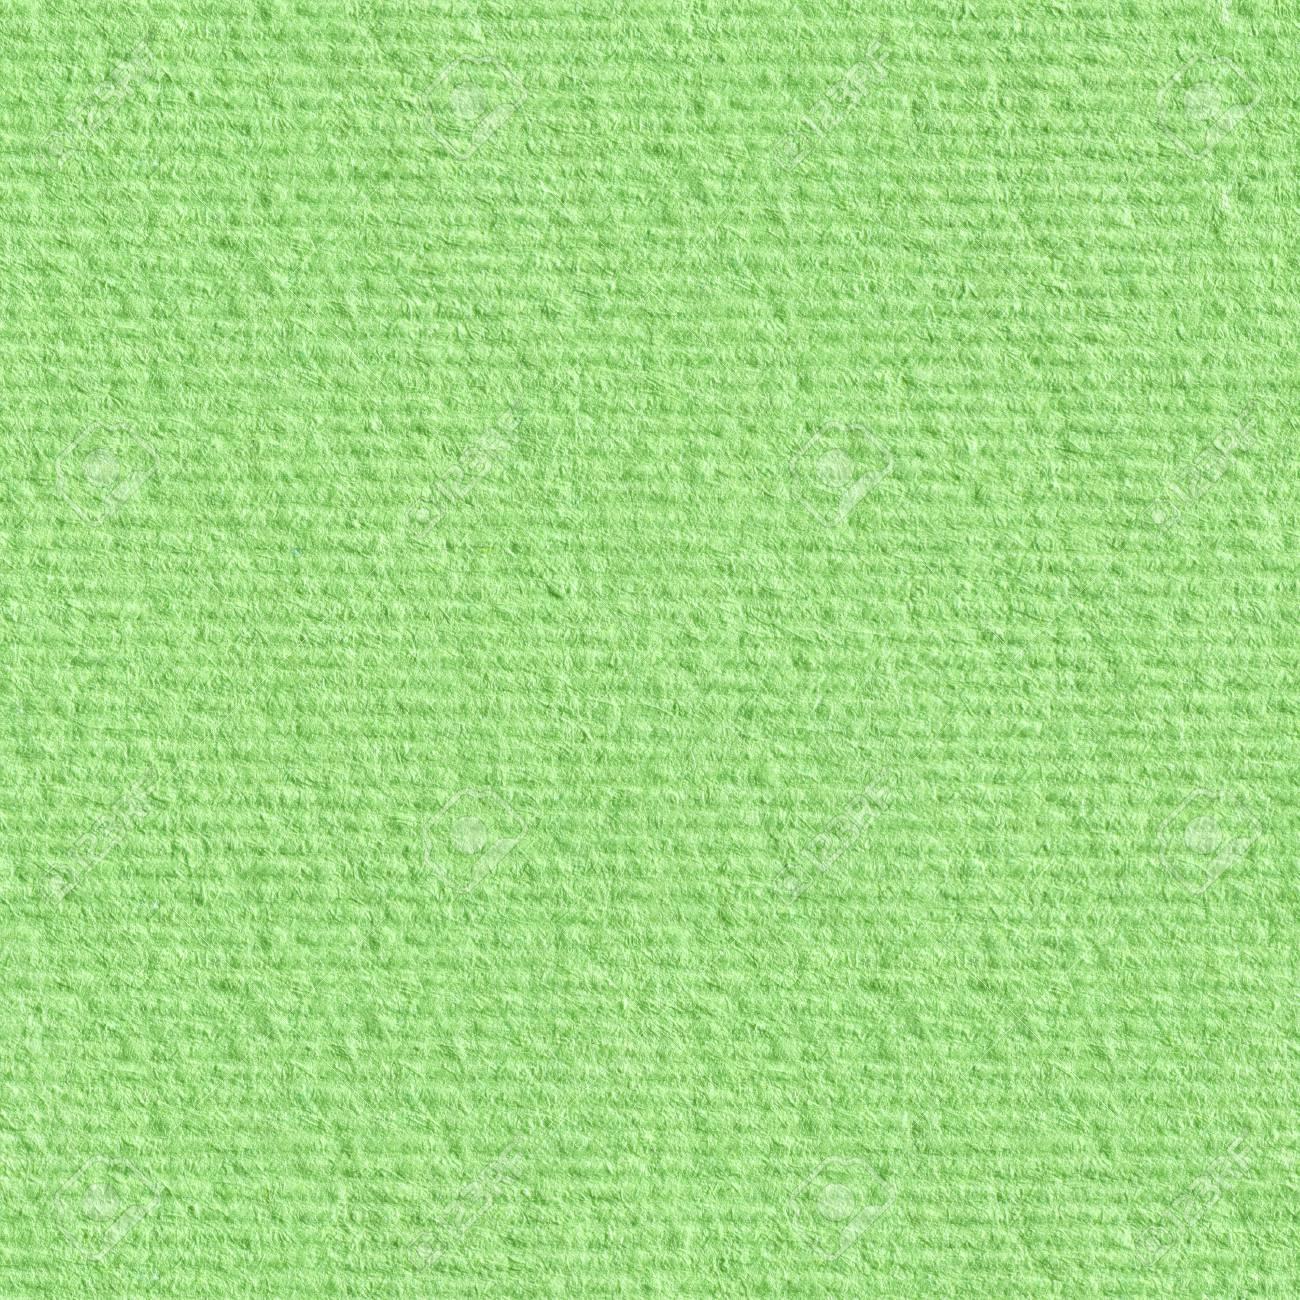 Immagini Stock Verde Calce Sfondo Di Carta Trama Quadrata Senza